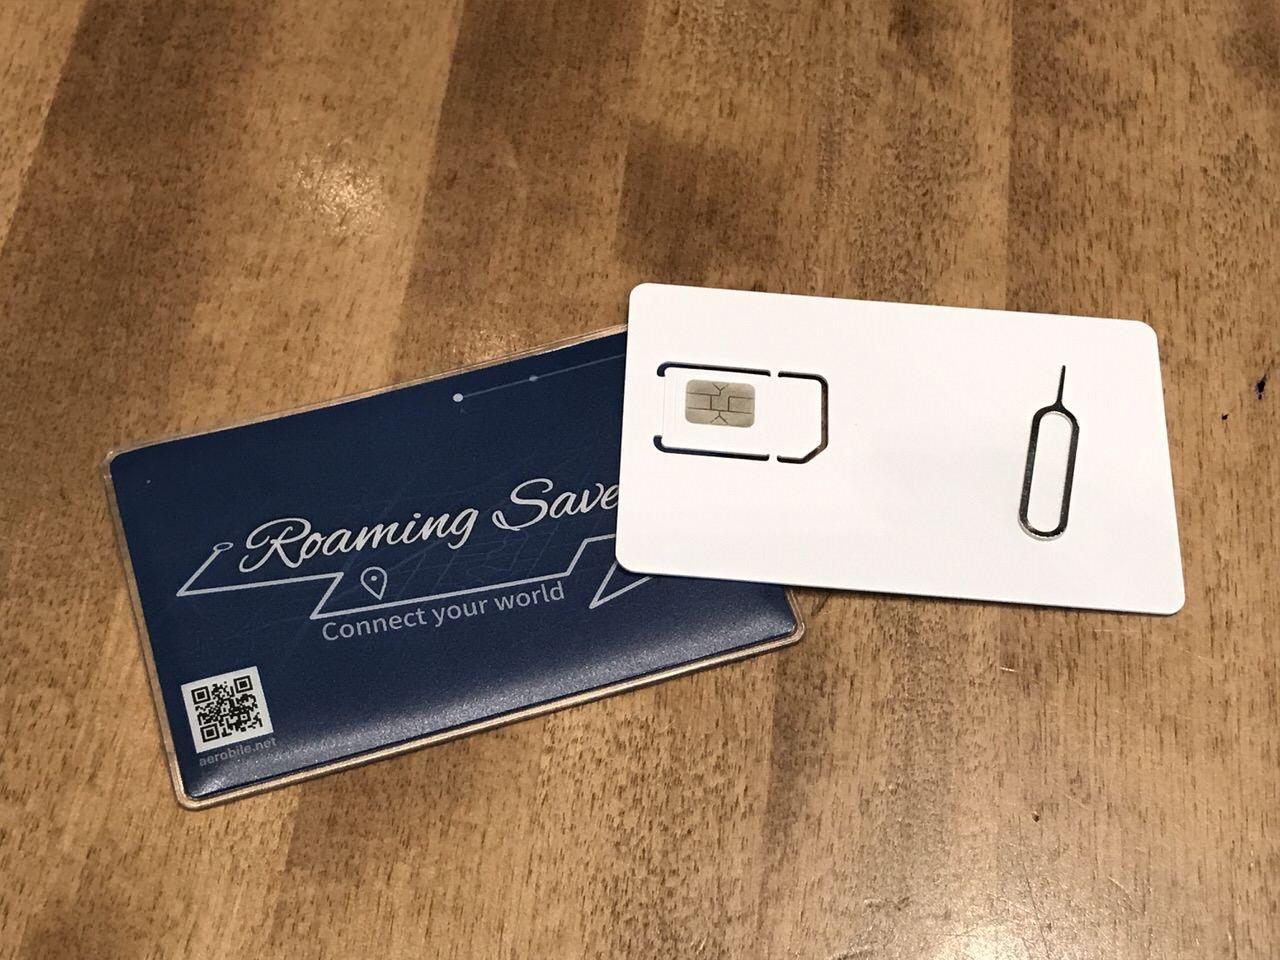 カナダで使えたSIMカード【SIMフリーiPhone】6